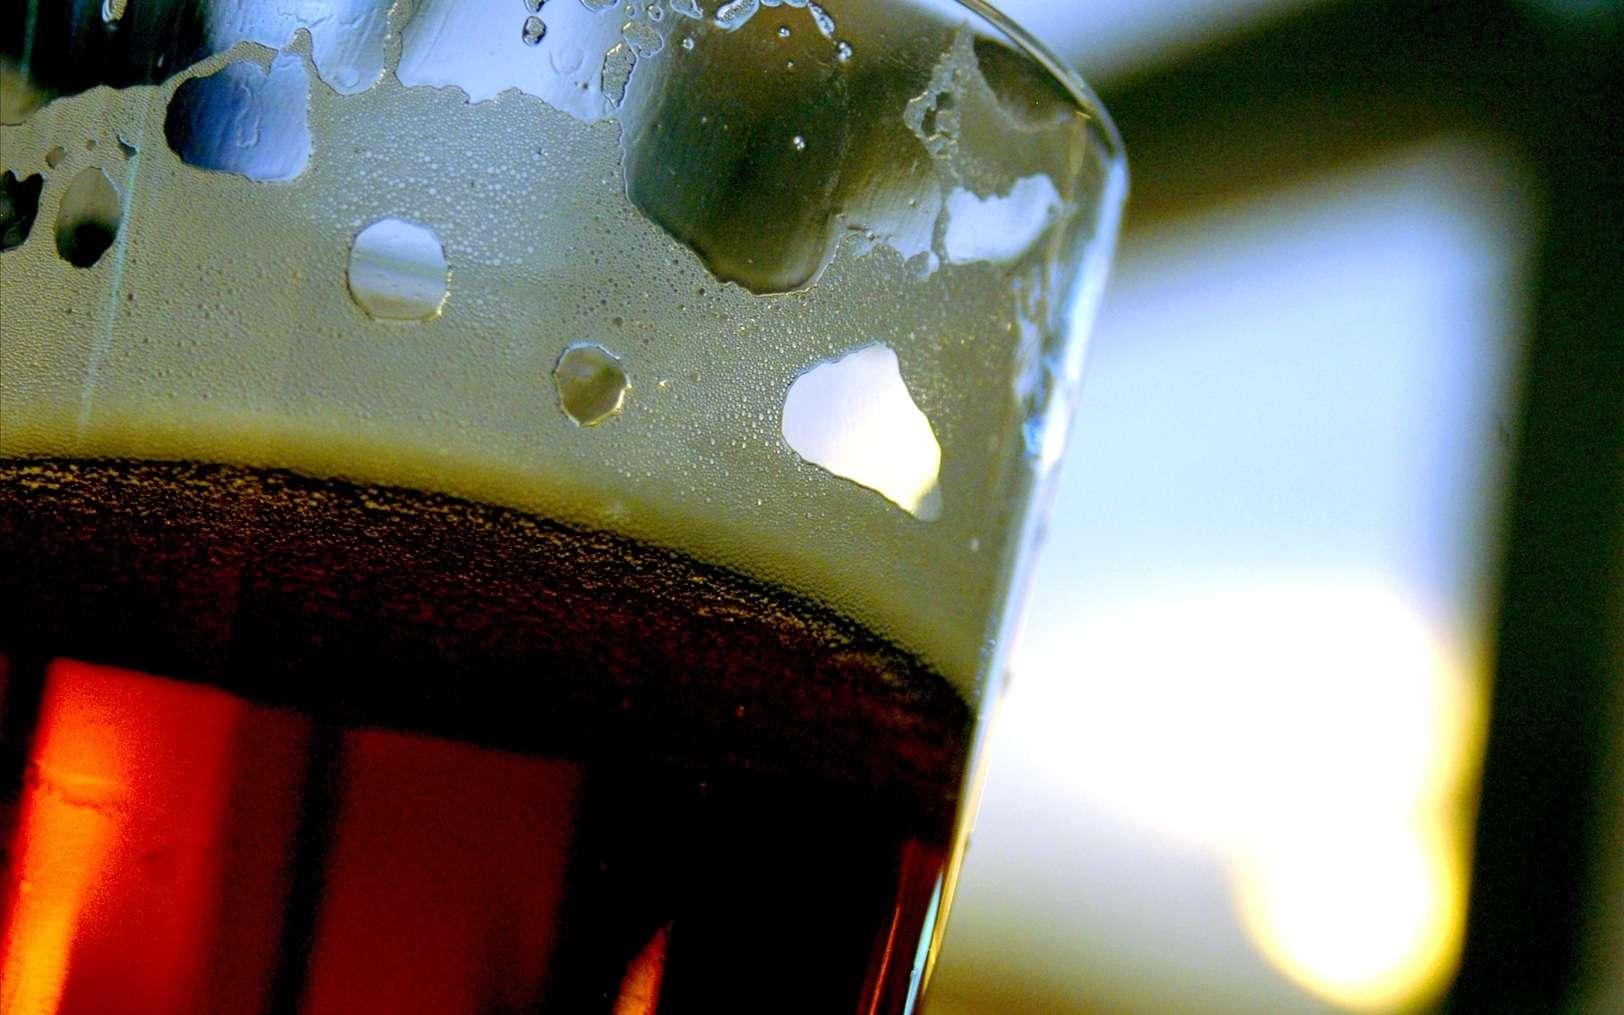 La bière est une boisson festive souvent partagée entre connaissances. Mais l'excès d'alcool n'a jamais été préconisé par les instances sanitaires. À juste titre d'ailleurs, puisque l'Organisation mondiale de la santé (OMS) dénombre chaque année 2,5 millions de morts dans le monde à cause de la boisson, que ce soit des suites d'un cancer, d'accidents ou de suicides. © mfajardo, Fotopédia, cc by nc nd 2.0